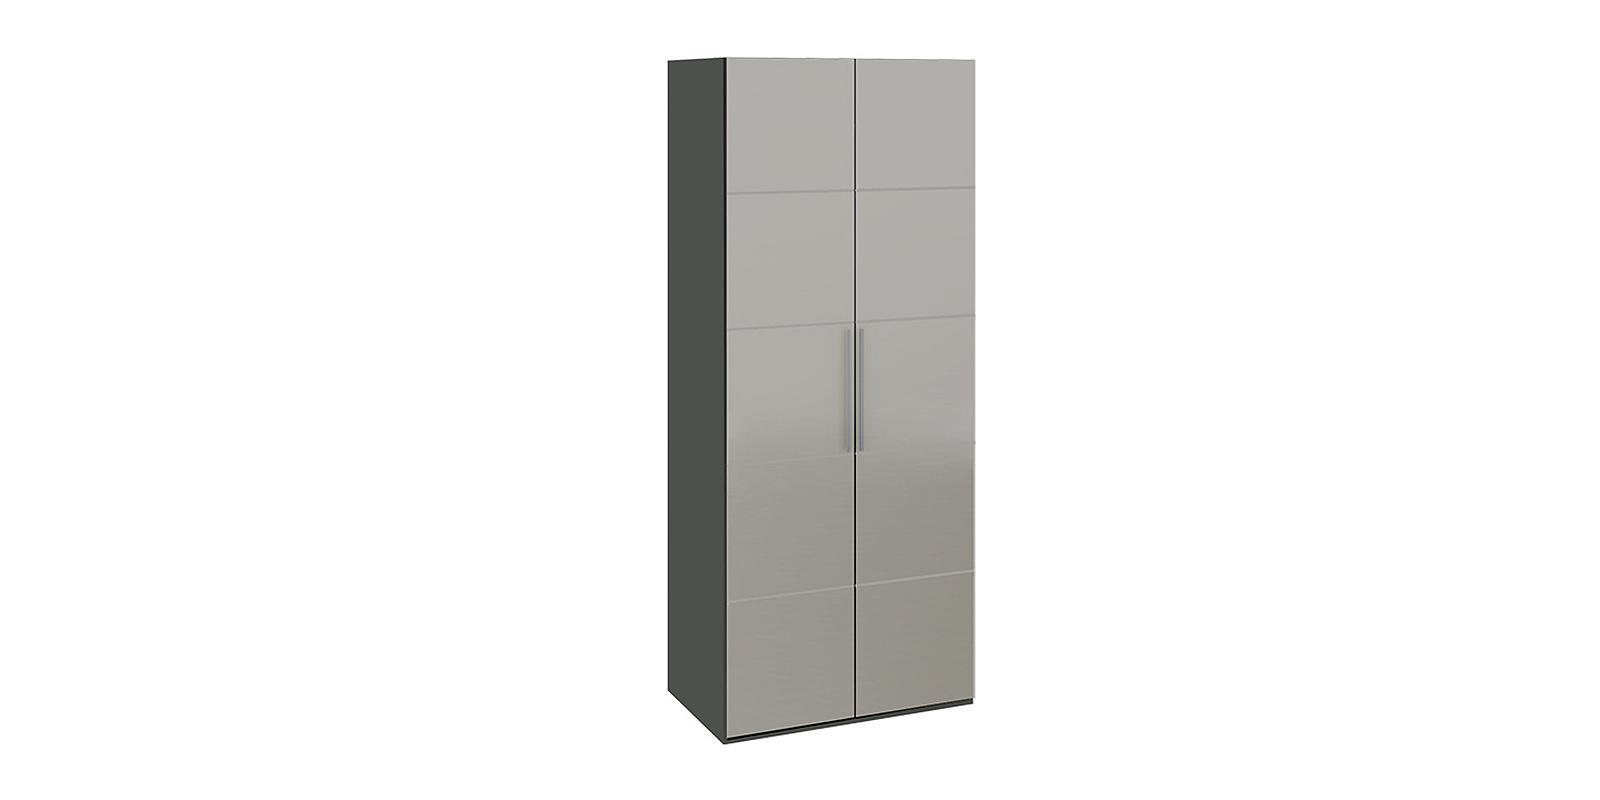 Шкаф распашной двухдверный Сорренто вариант №3 (темно-серый/зеркальный)